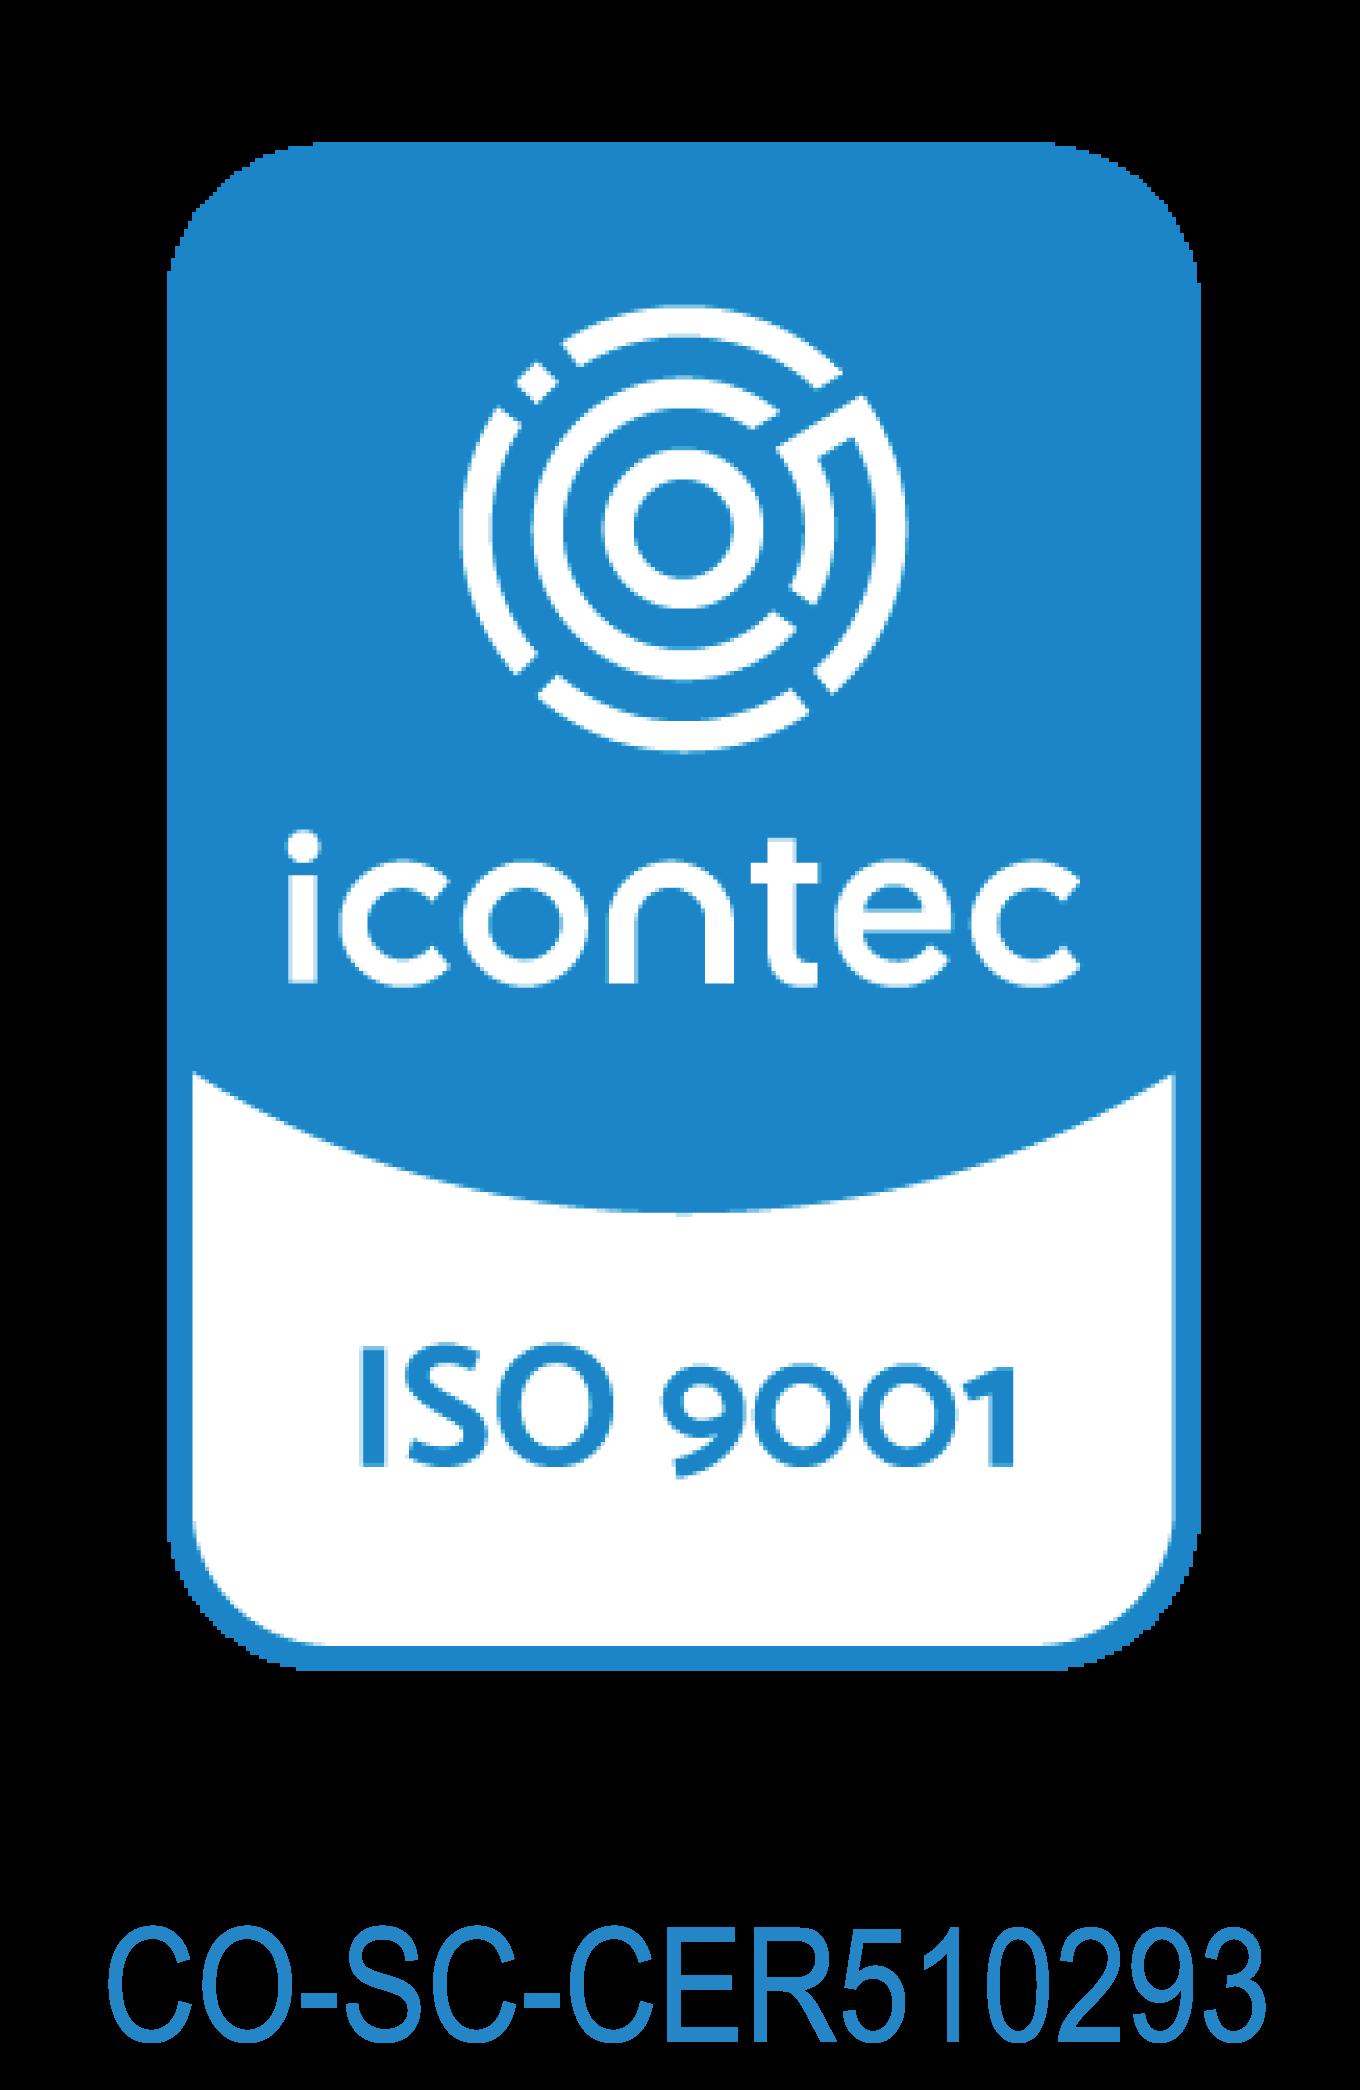 certificado-de-calidad-icontec